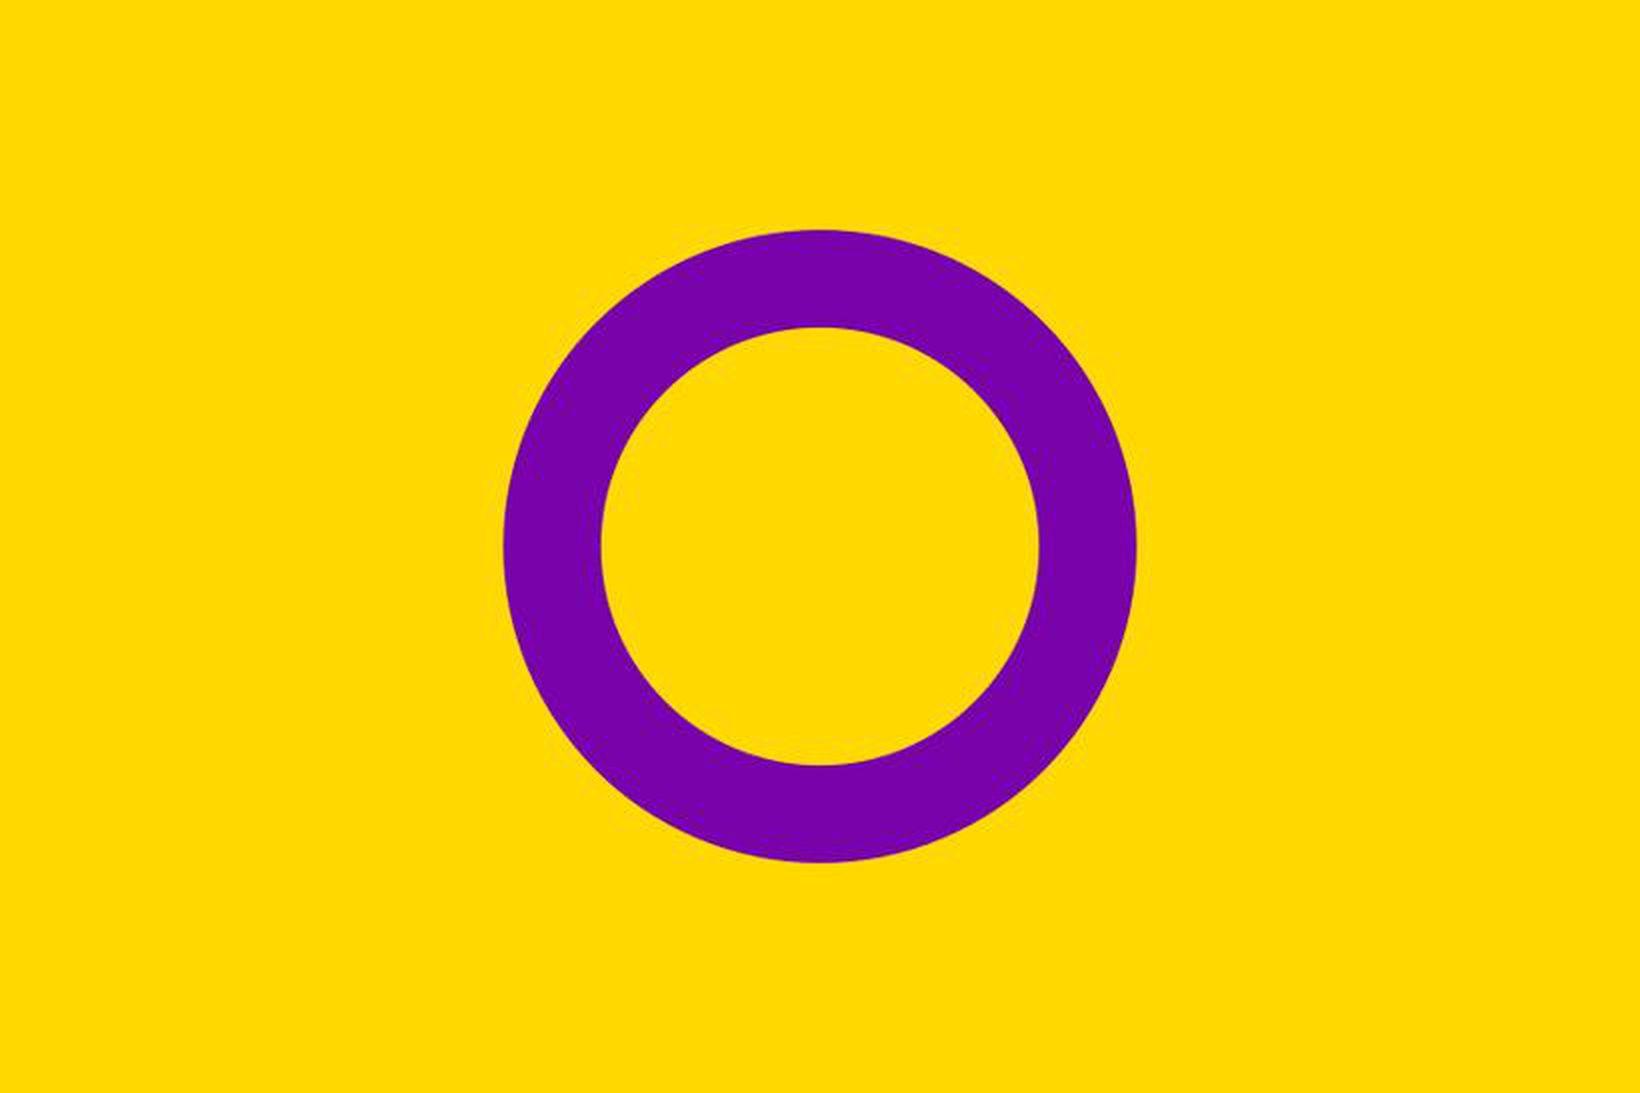 Fáni intersex fólks var búinn til af sambærilegum sam Intersex …